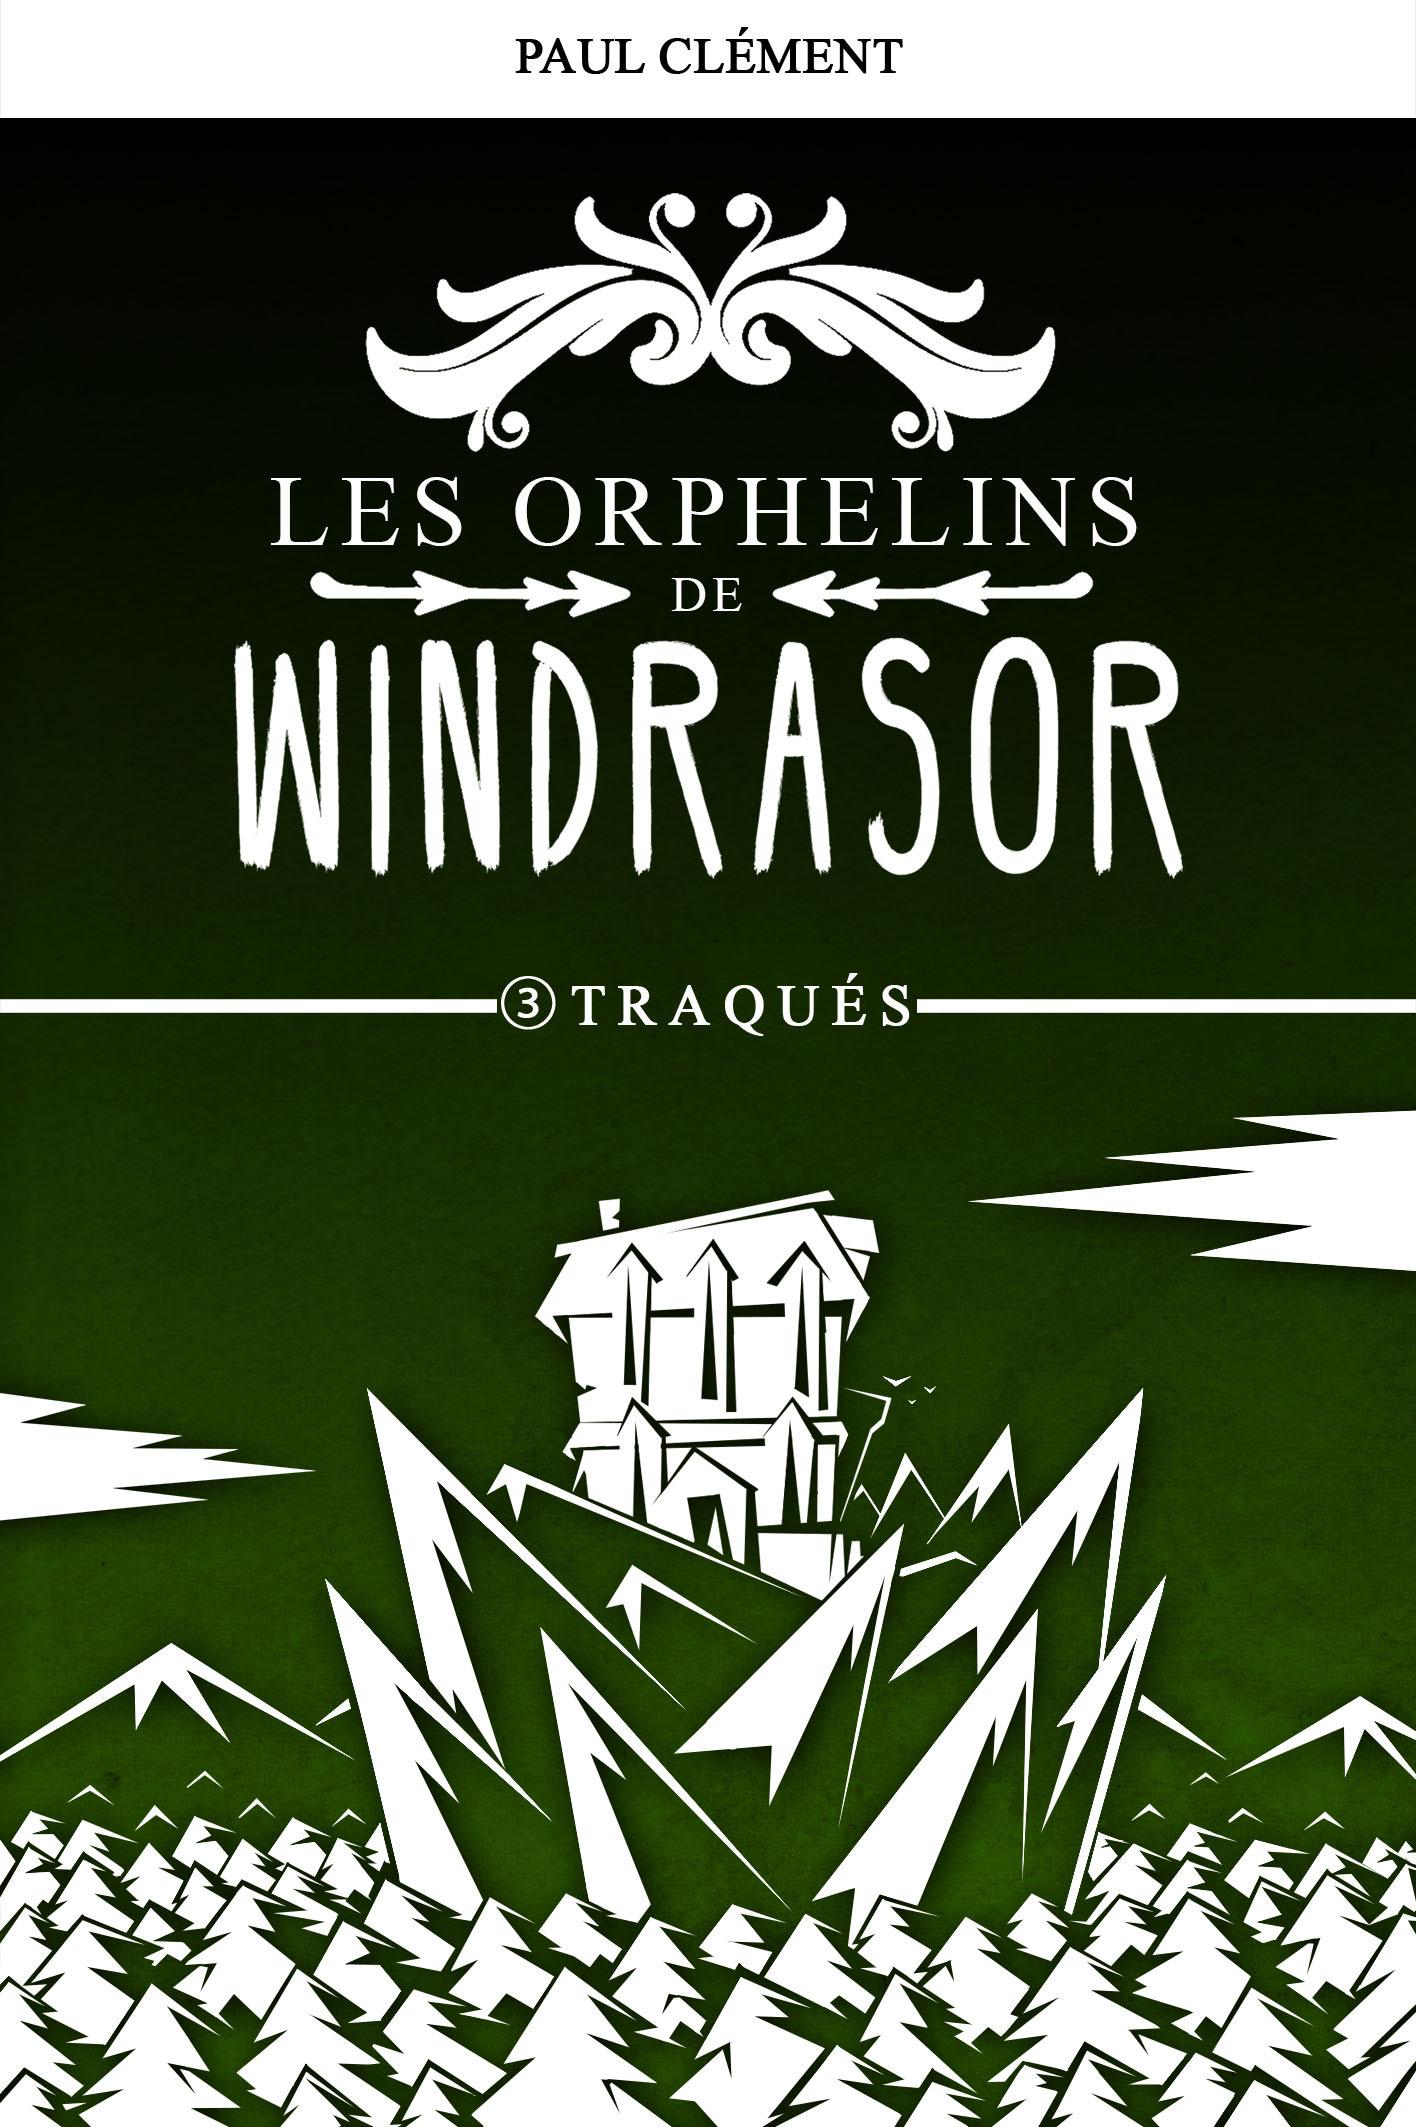 TRAQUES (LES ORPHELINS DE WINDRASOR EPISODE 3)